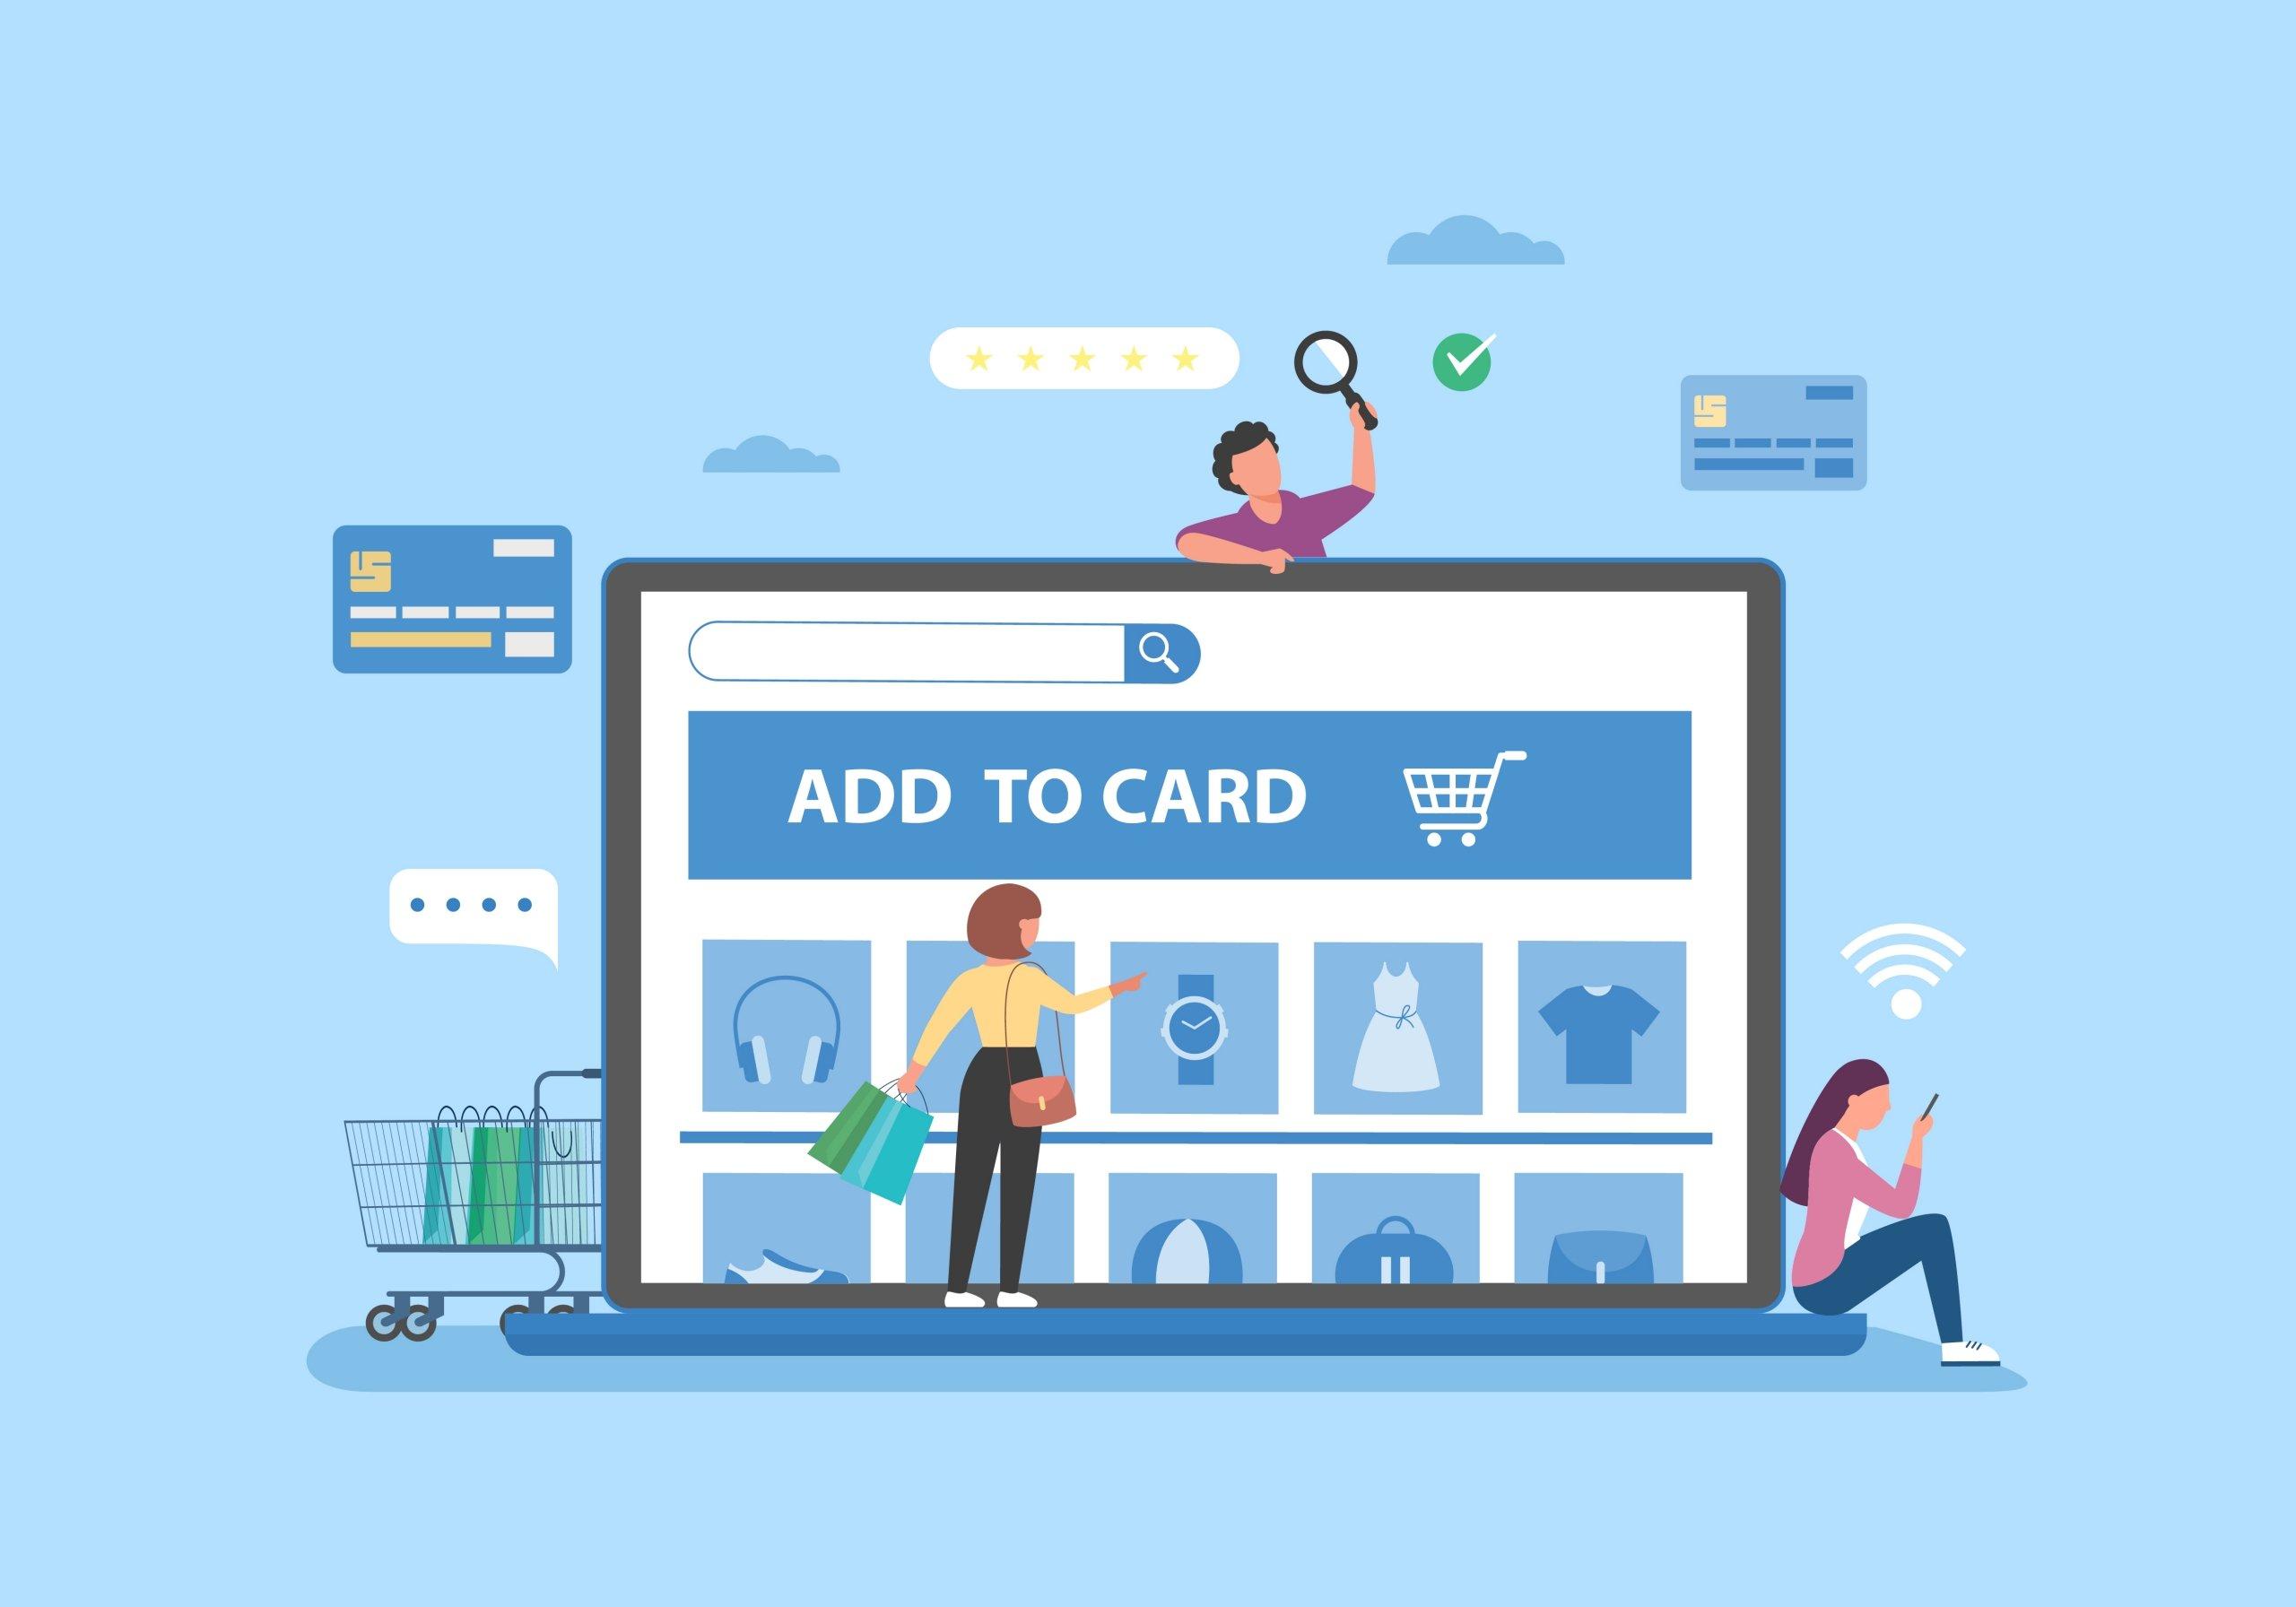 ilustración tienda online sobre fondo azul